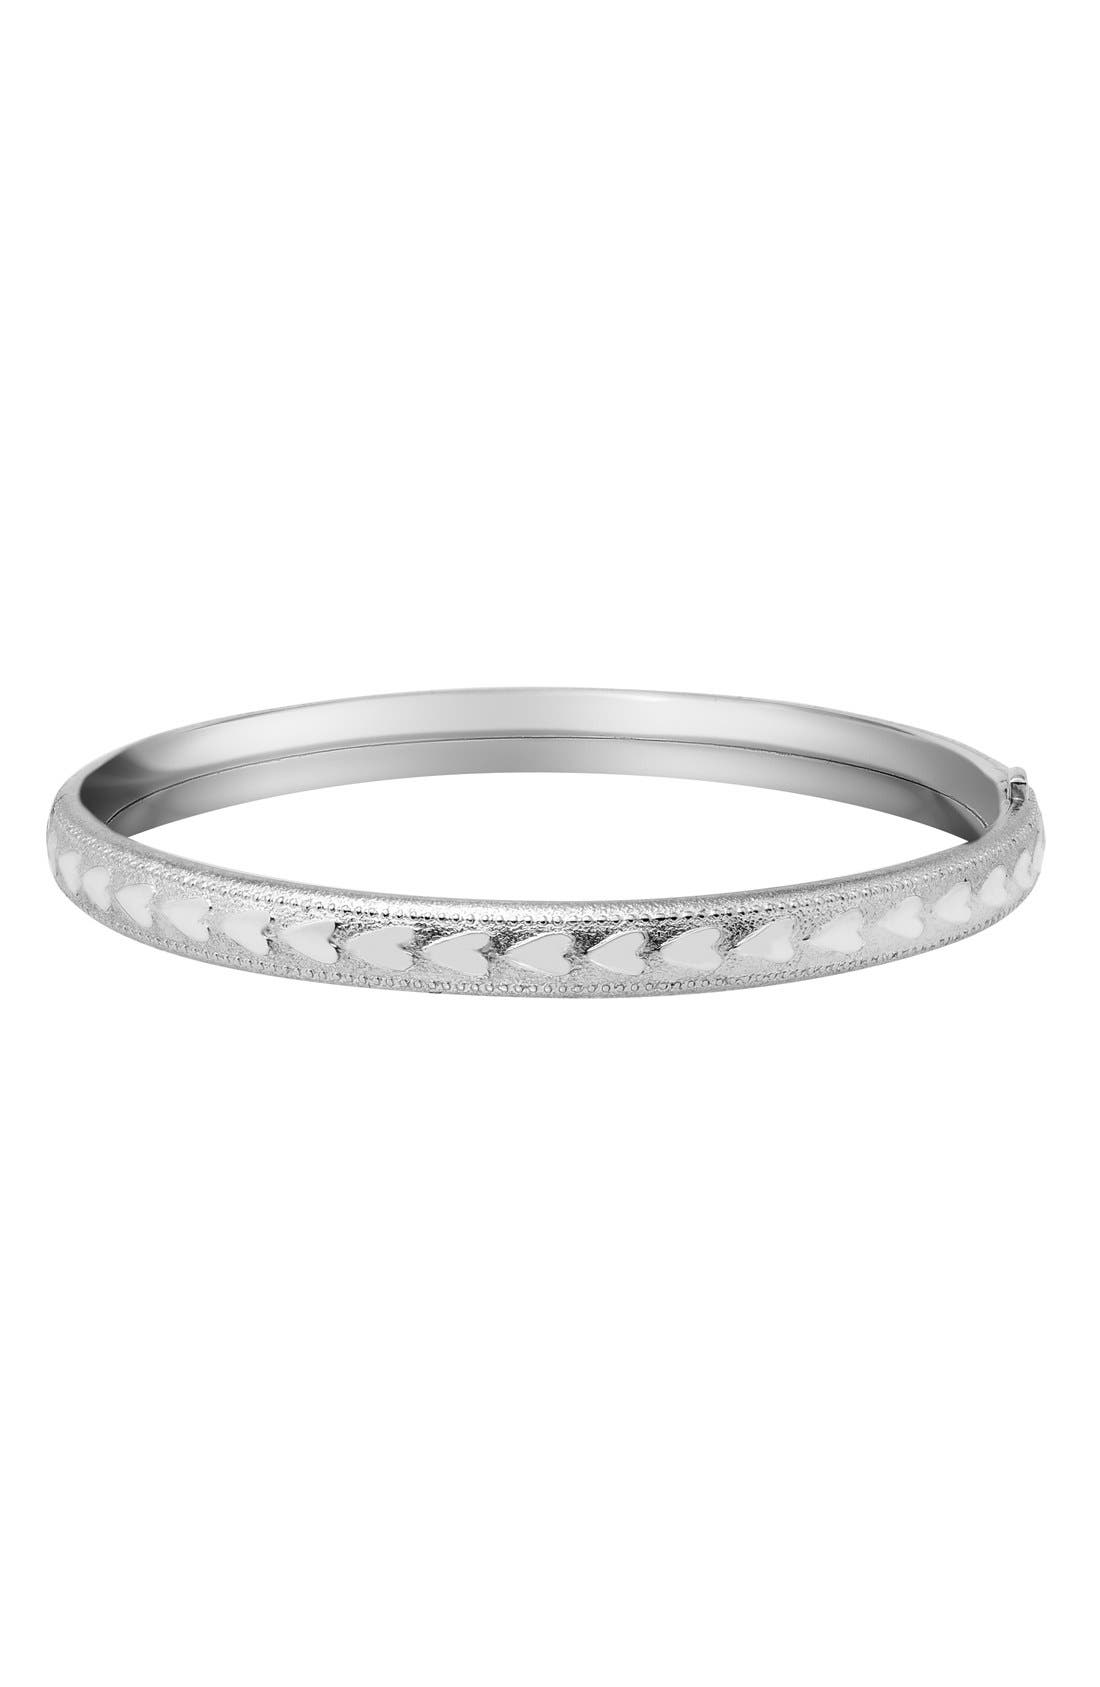 Alternate Image 1 Selected - Mignonette 'Heart' Sterling Silver Bracelet (Girls)